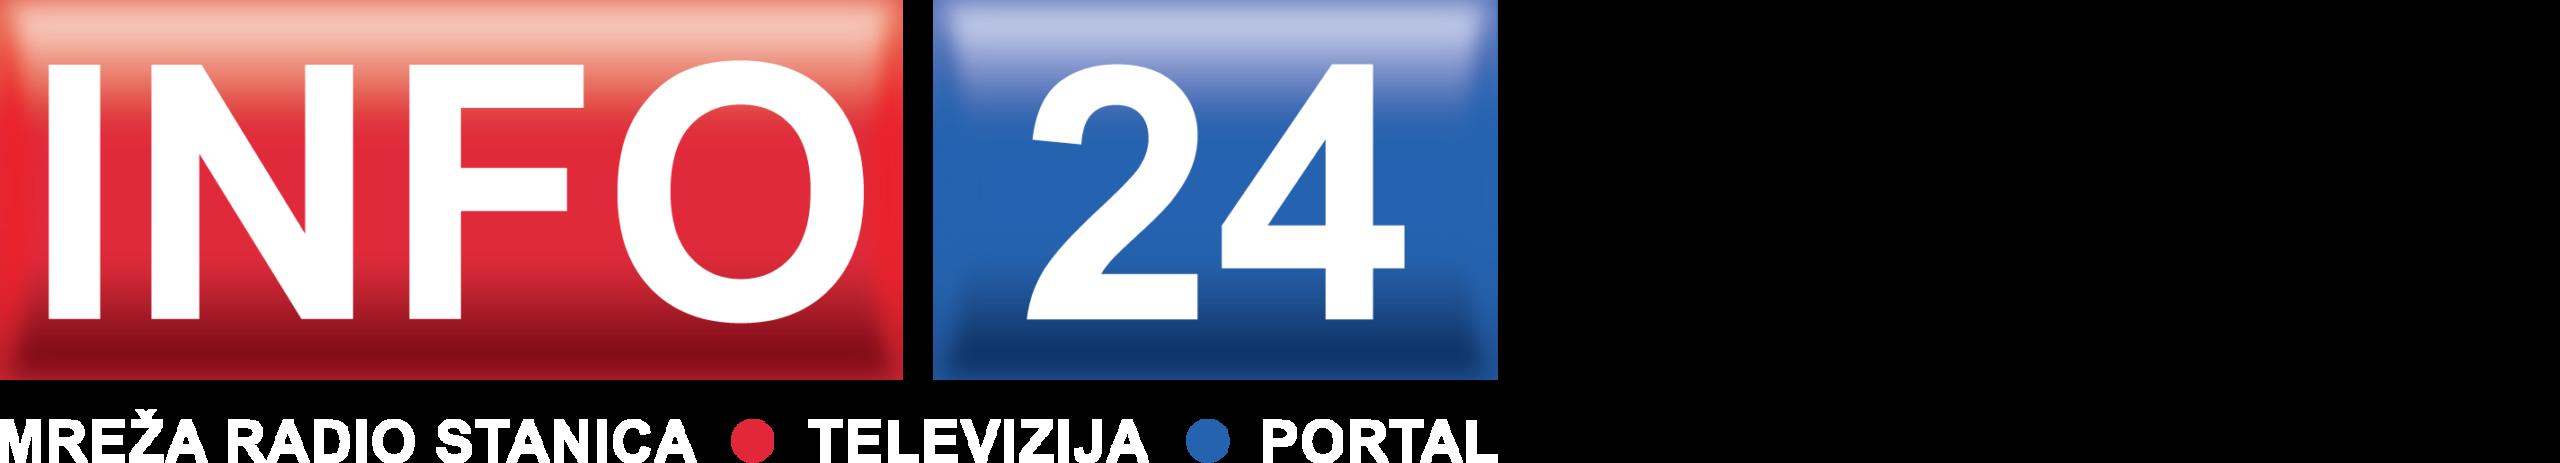 INFO 24